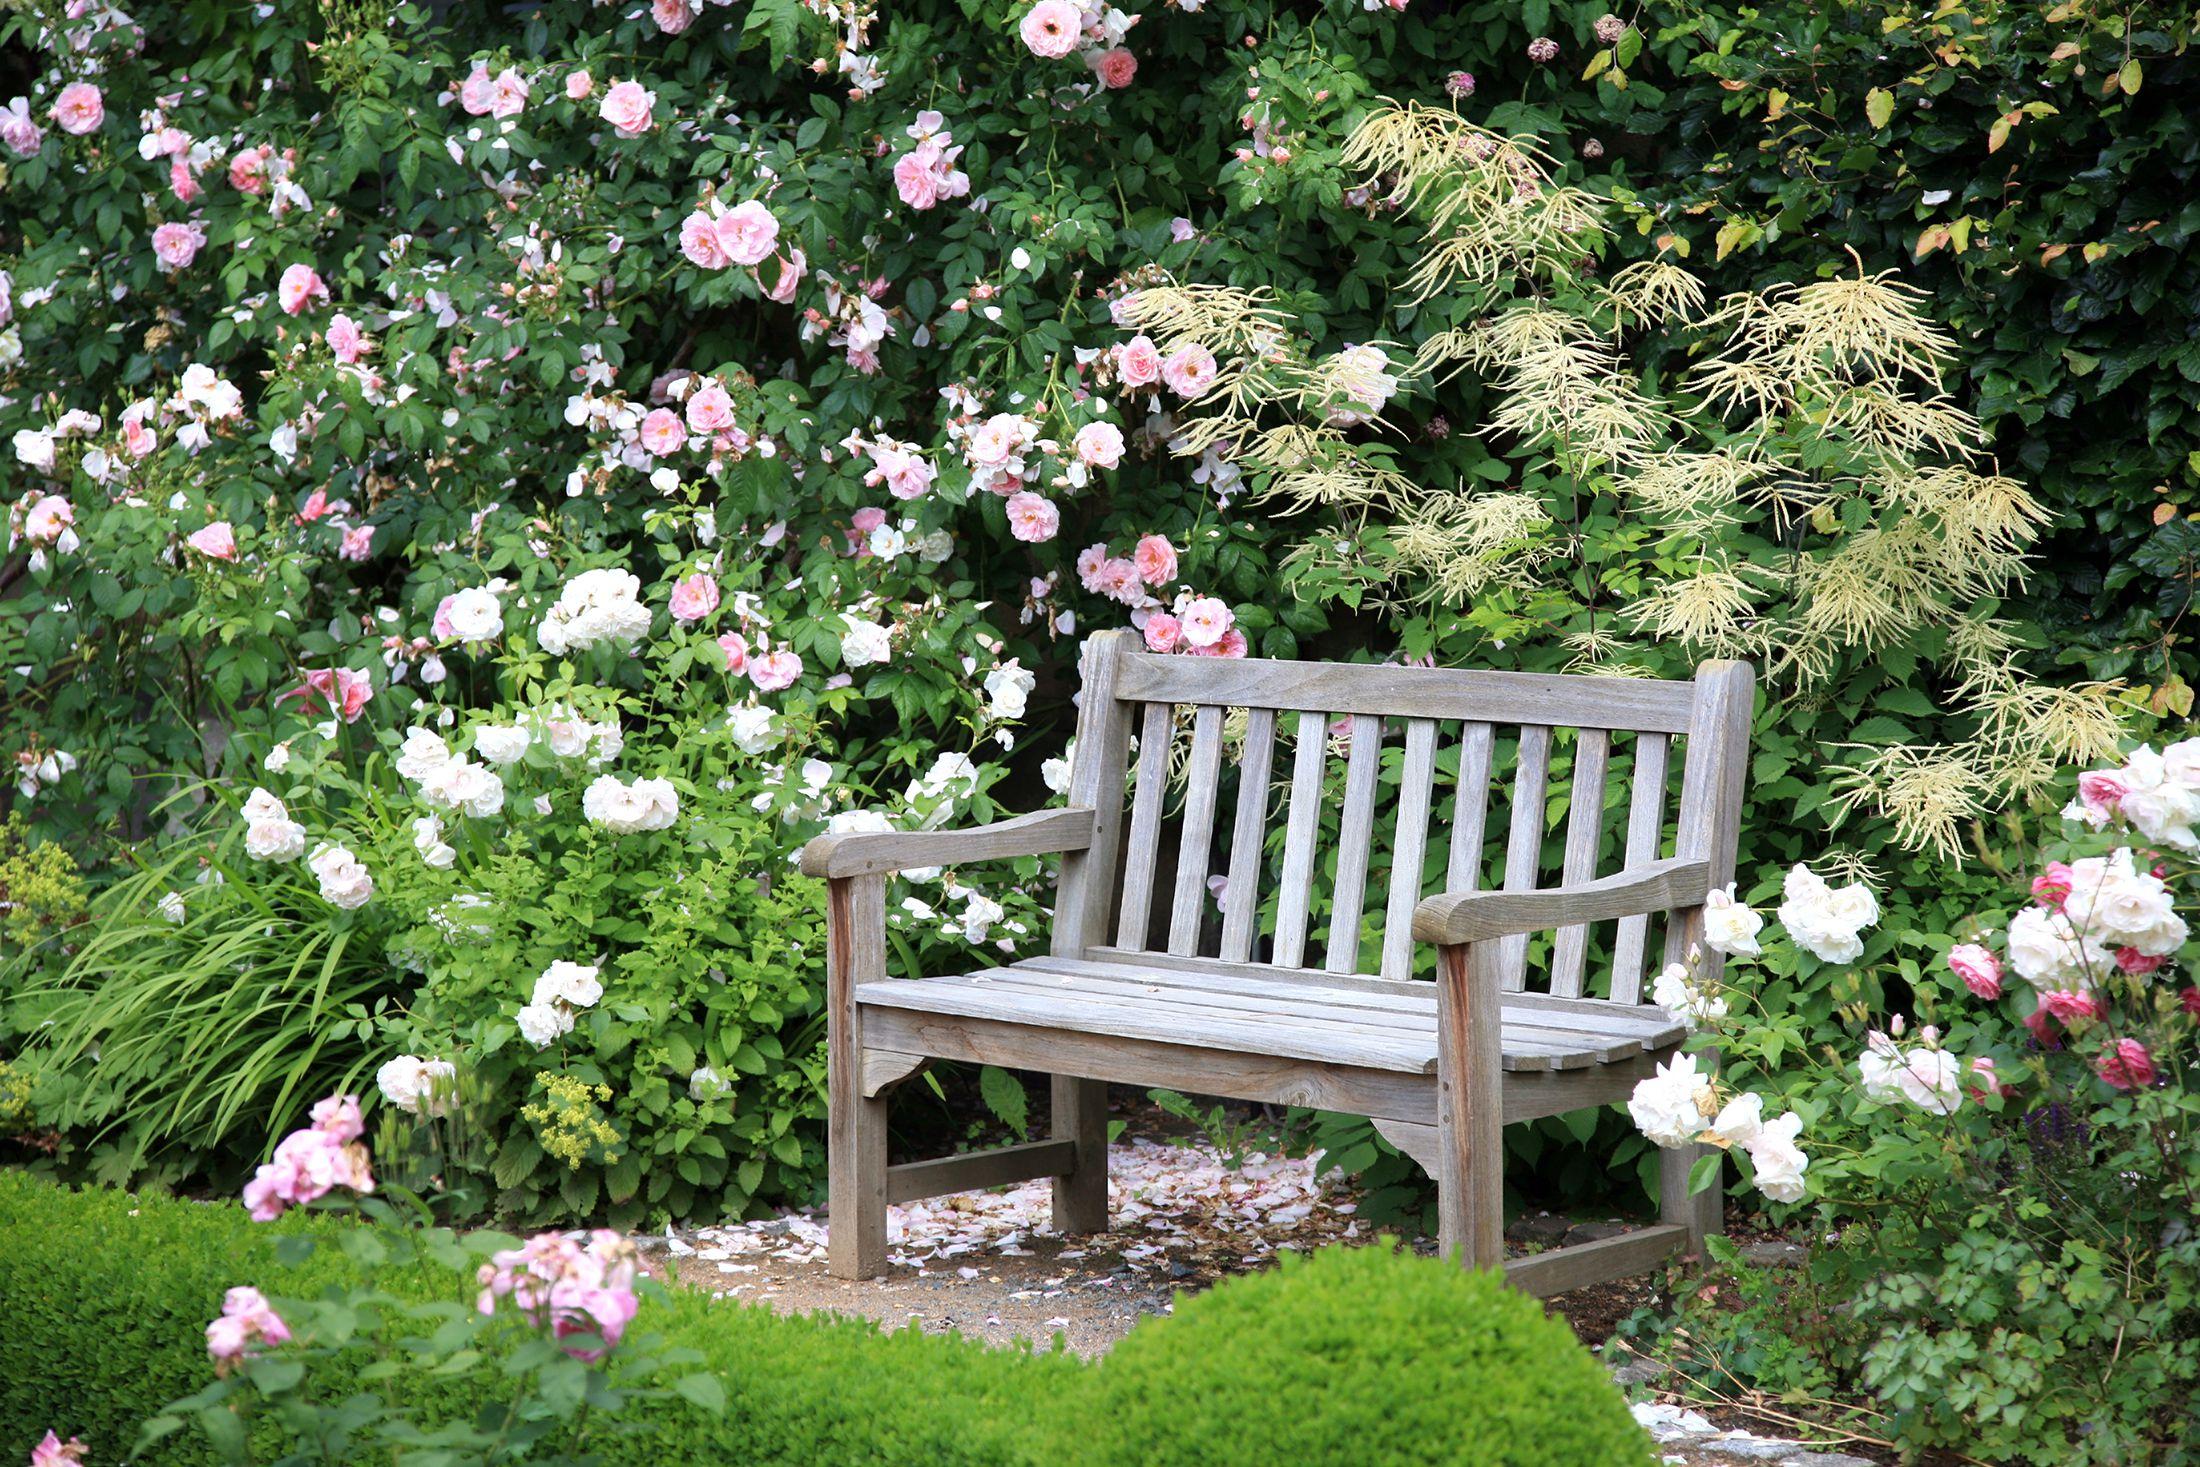 10 English Garden Design Ideas - How to Make an English Garden Landscape